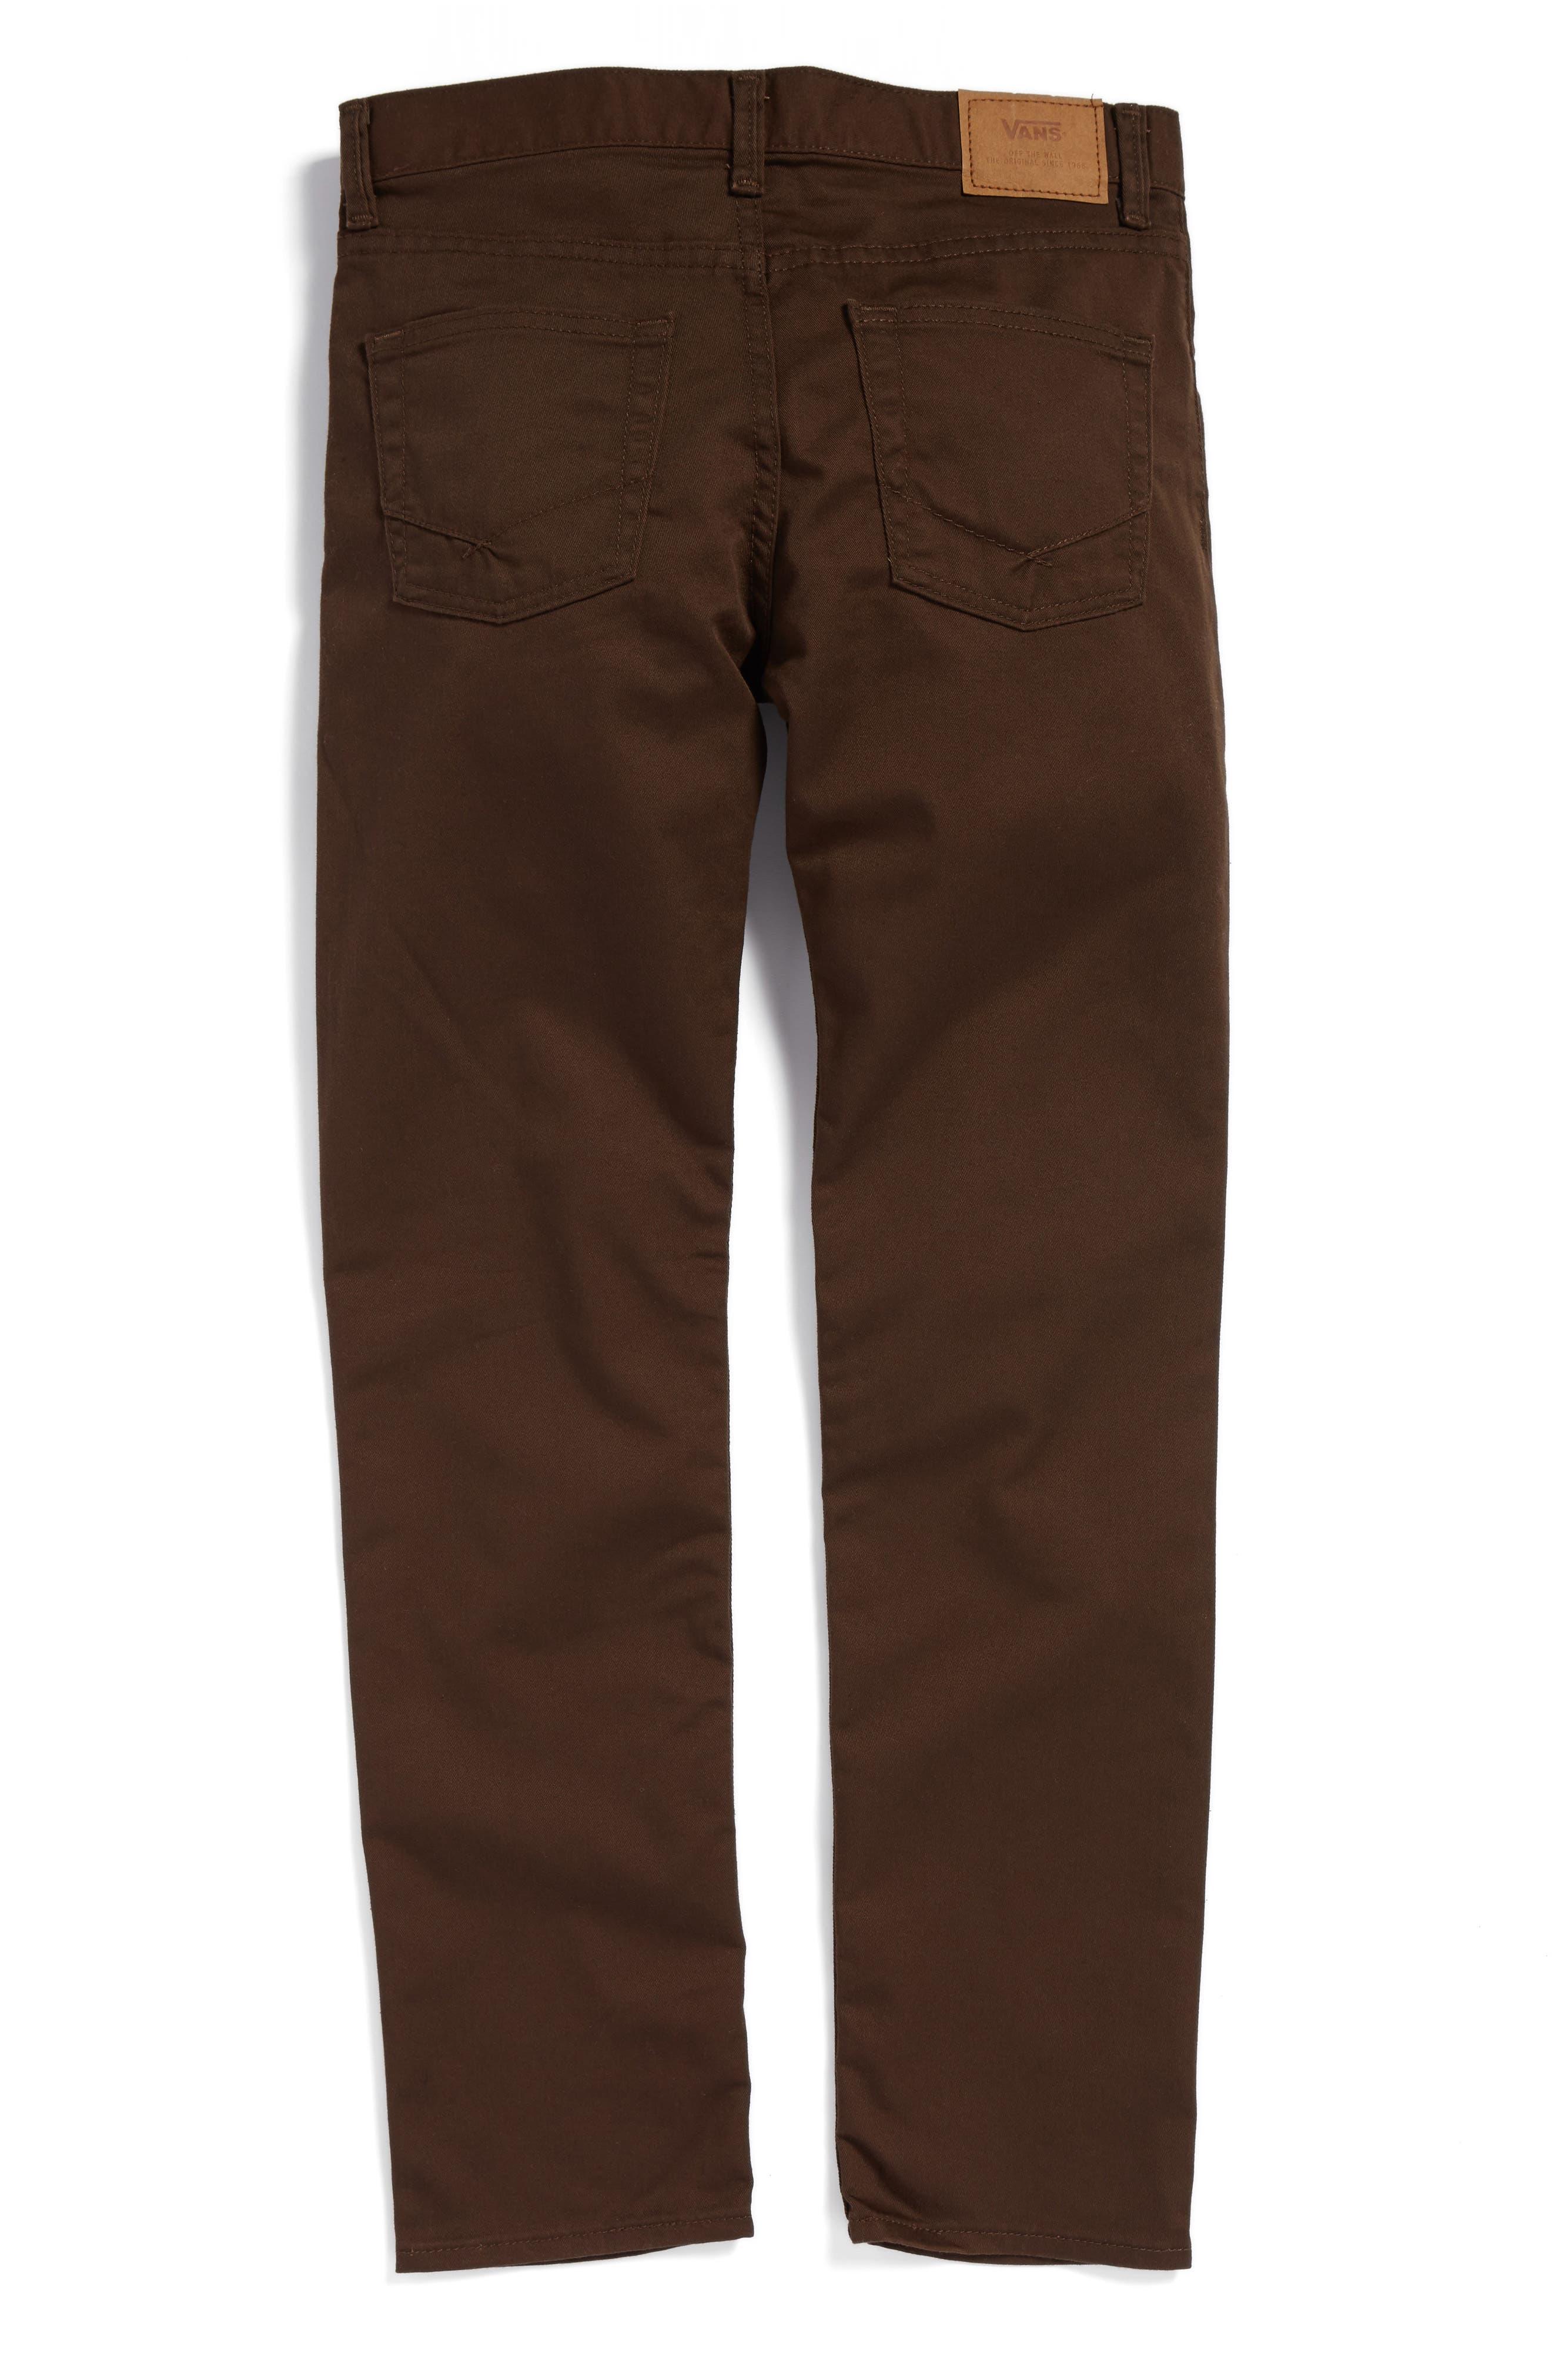 'V56 Standard AV Covina' Pants,                             Alternate thumbnail 2, color,                             201